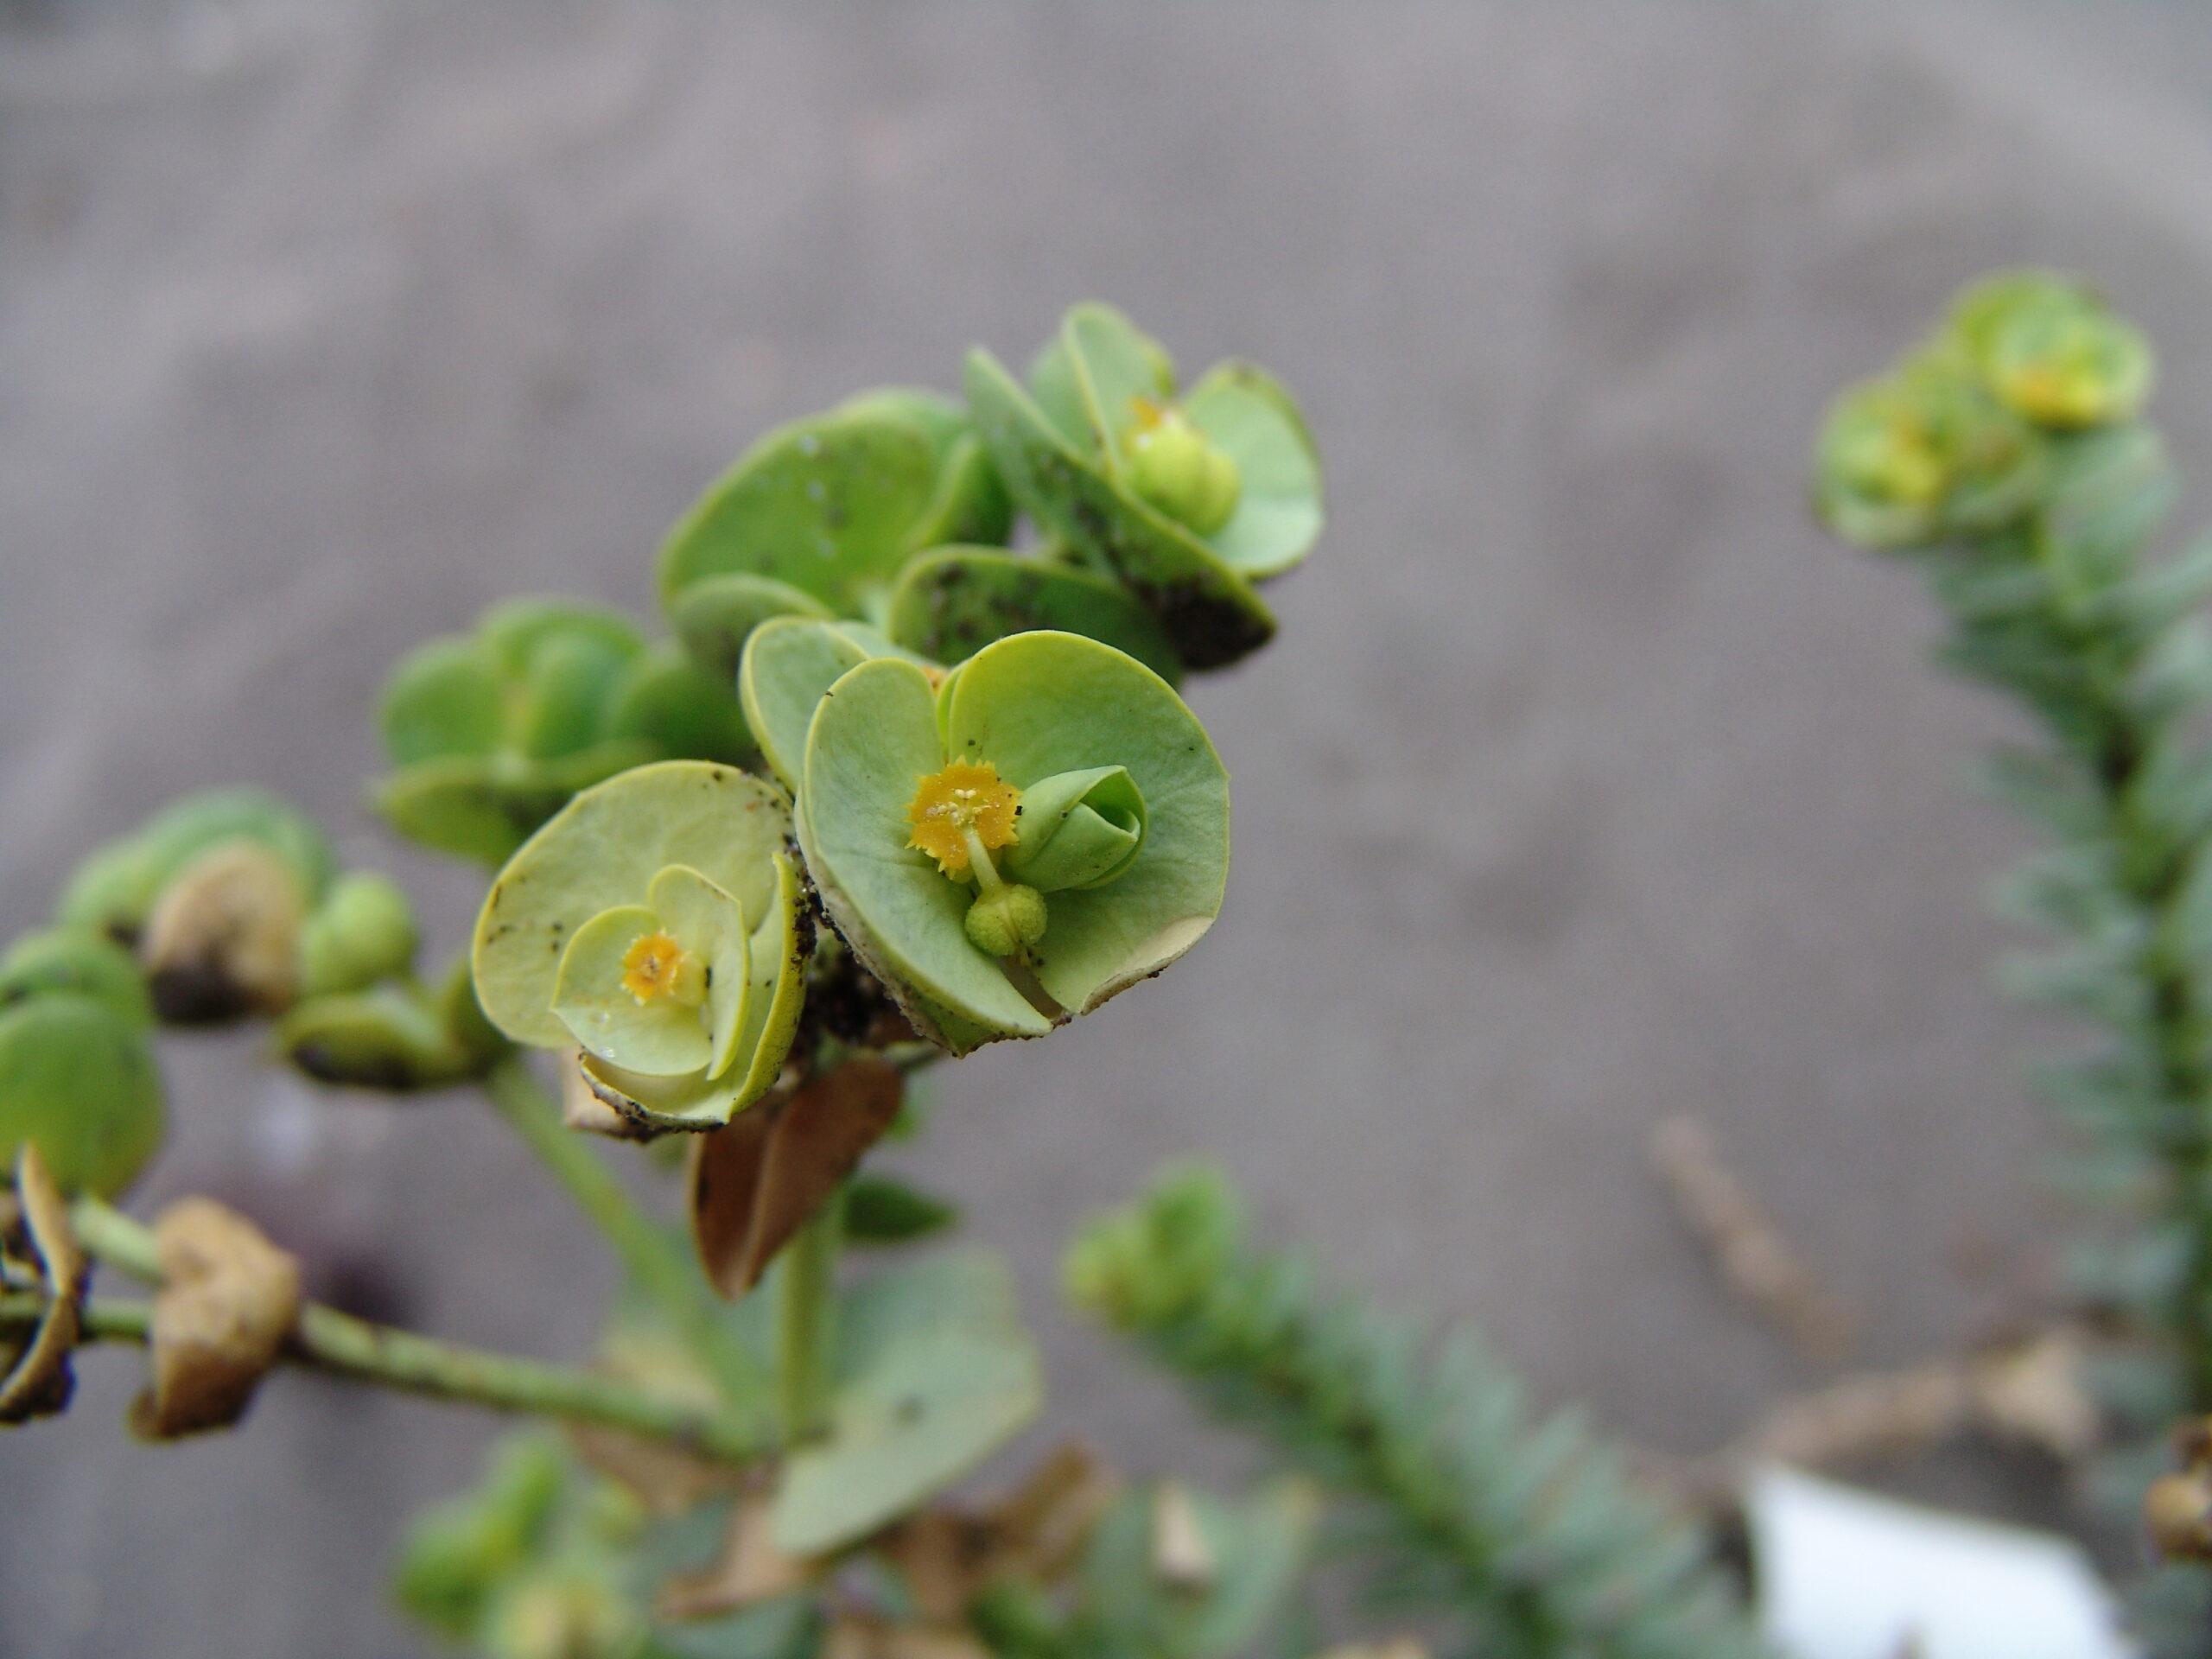 guimarporis1-019-euphorbia-paralias-4-flor-scaled.jpg